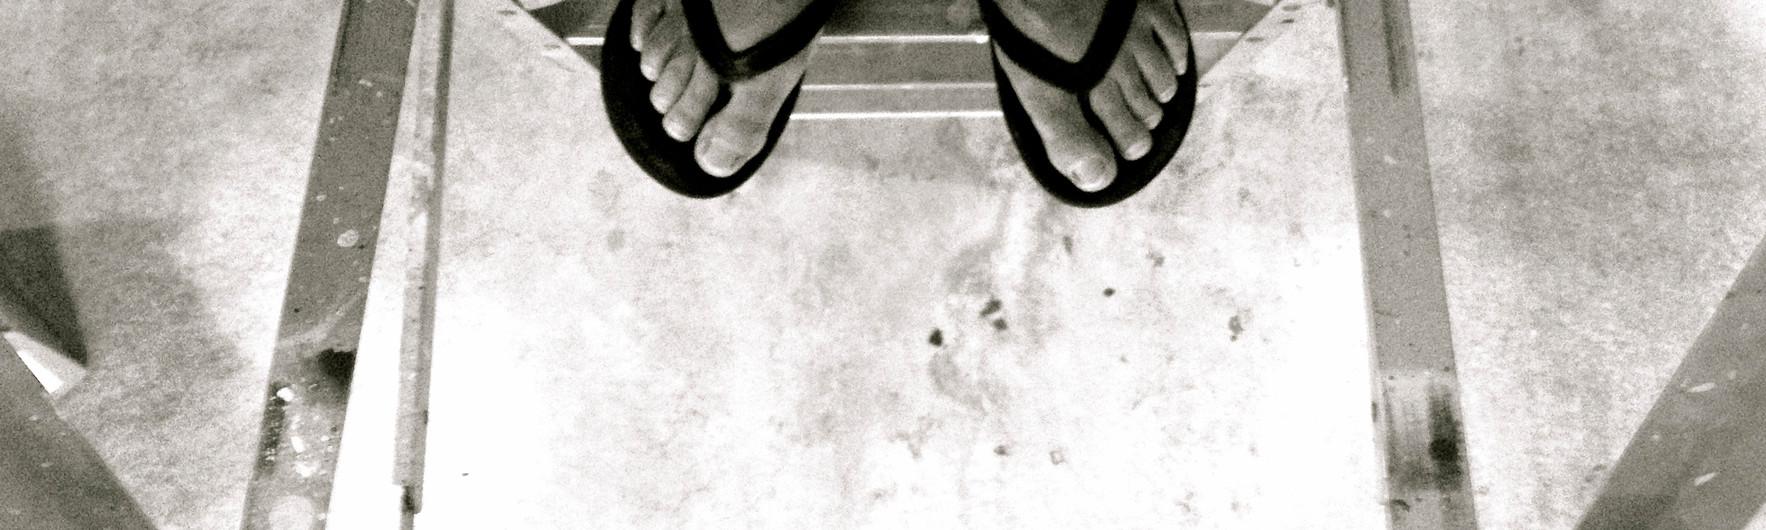 Whos feet? in BW.jpg